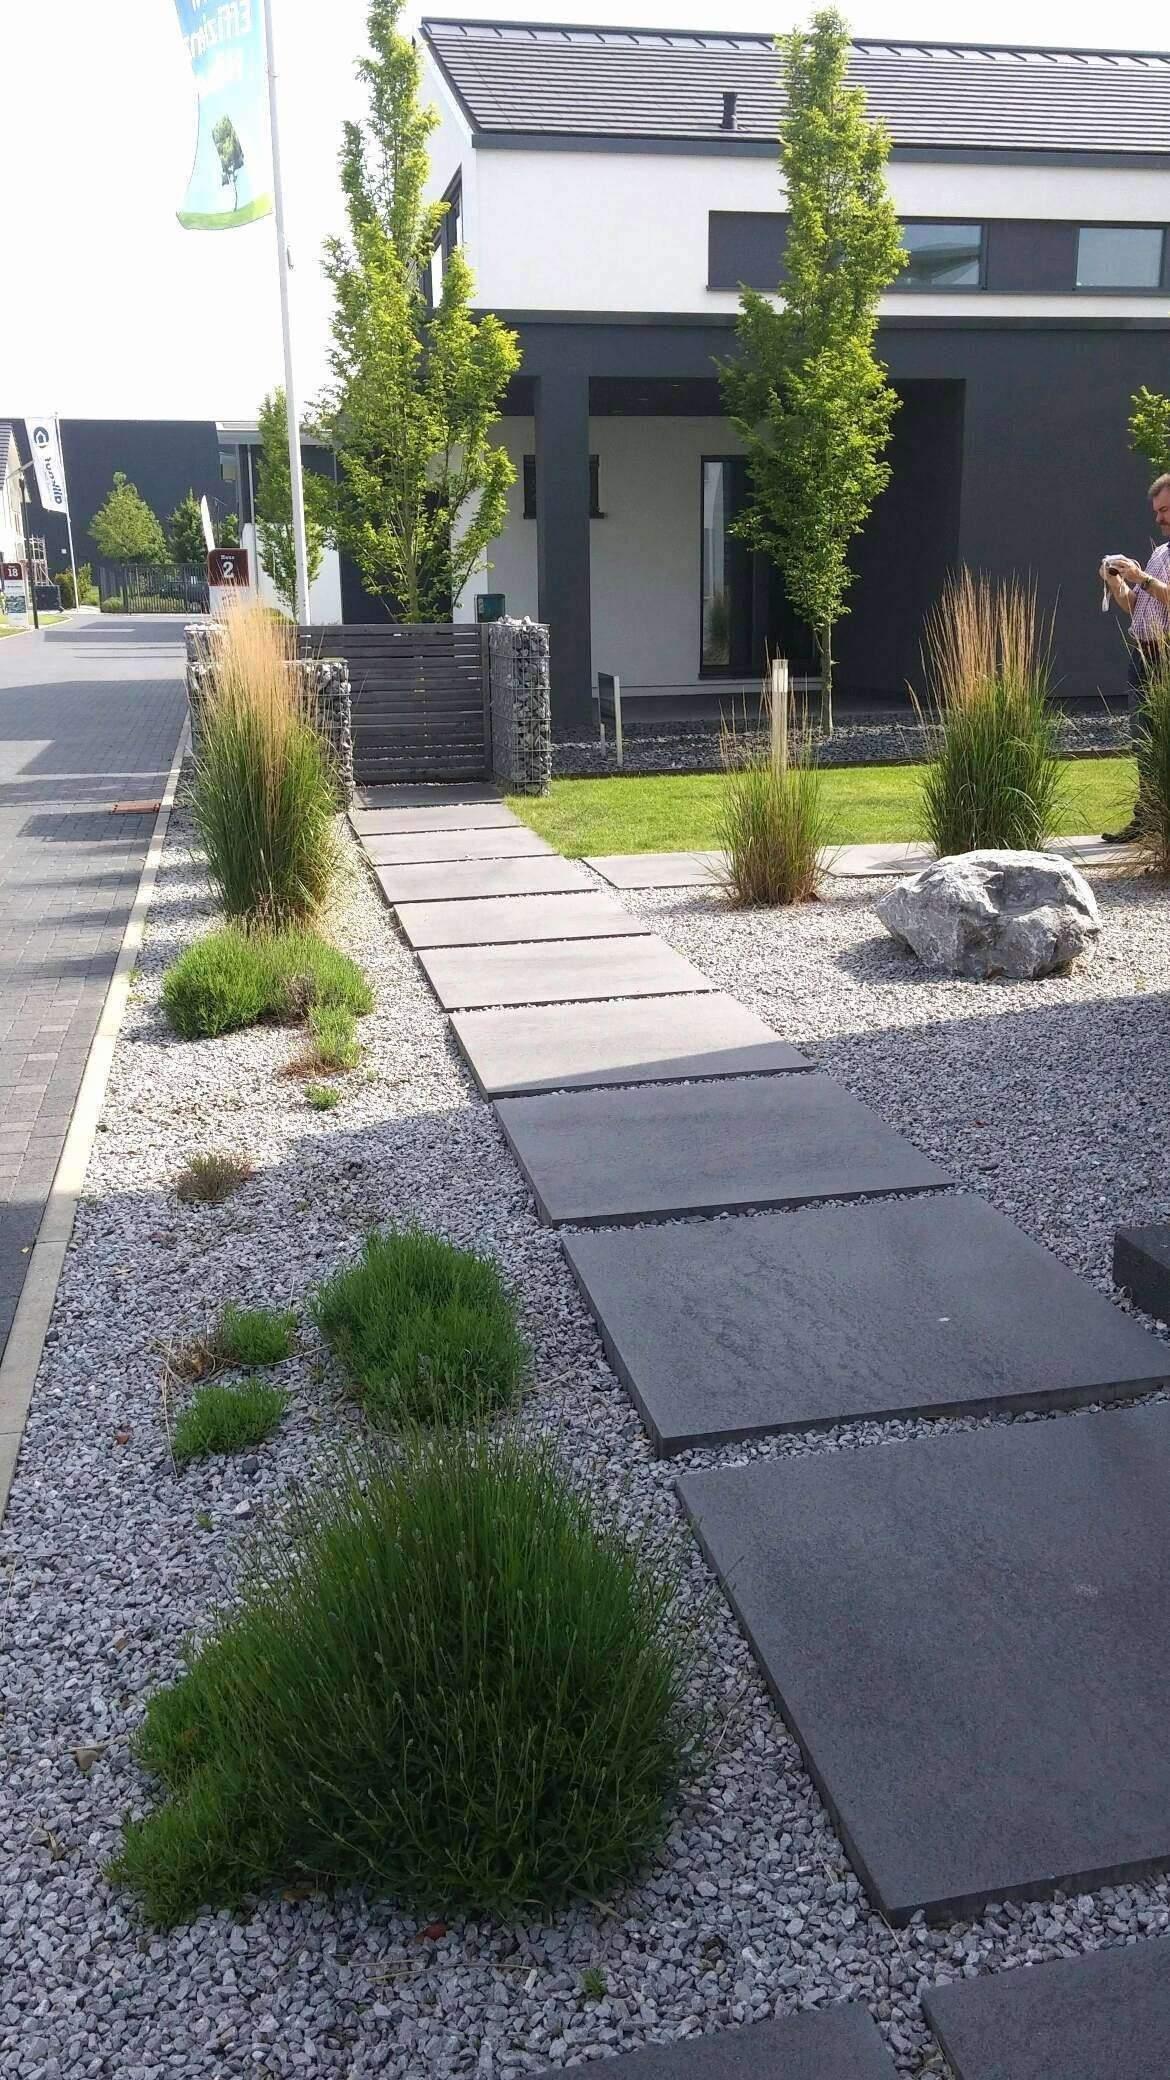 Garten Anlegen Mit Steinen Luxus Garten Ideas Garten Anlegen Lovely Aussenleuchten Garten 0d